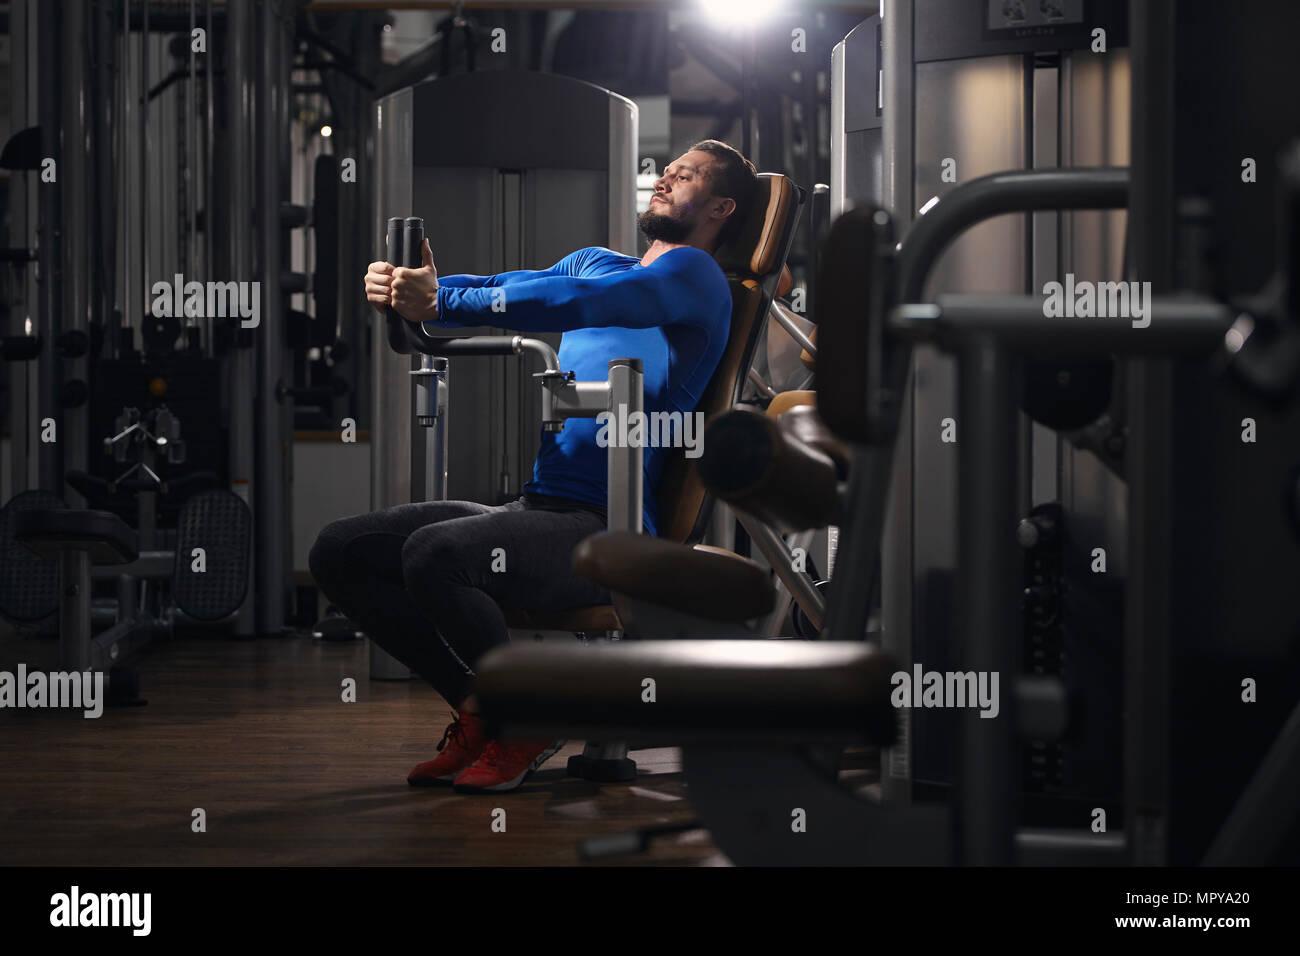 Hombre estiramientos en máquina de ejercicio en el gimnasio Imagen De Stock